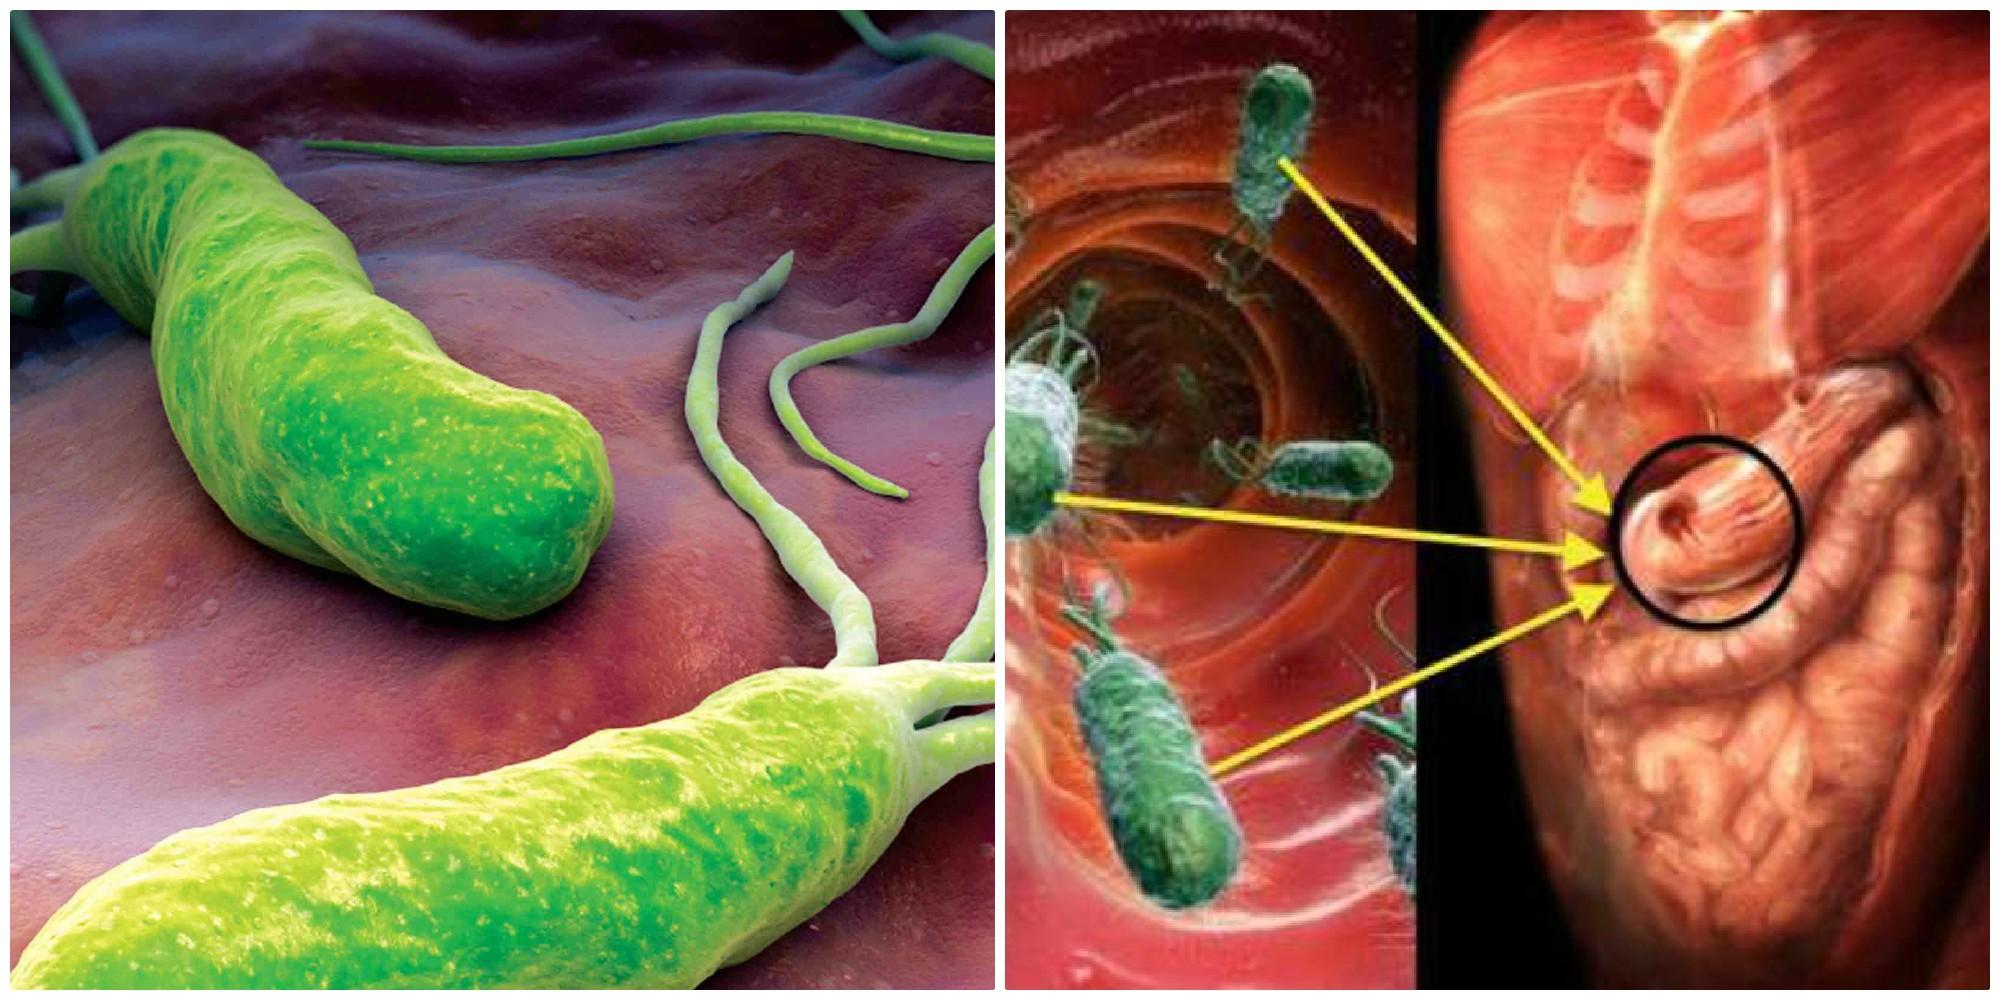 Как избавиться от хеликобактер пилори? схема лечения хеликобактериоза.